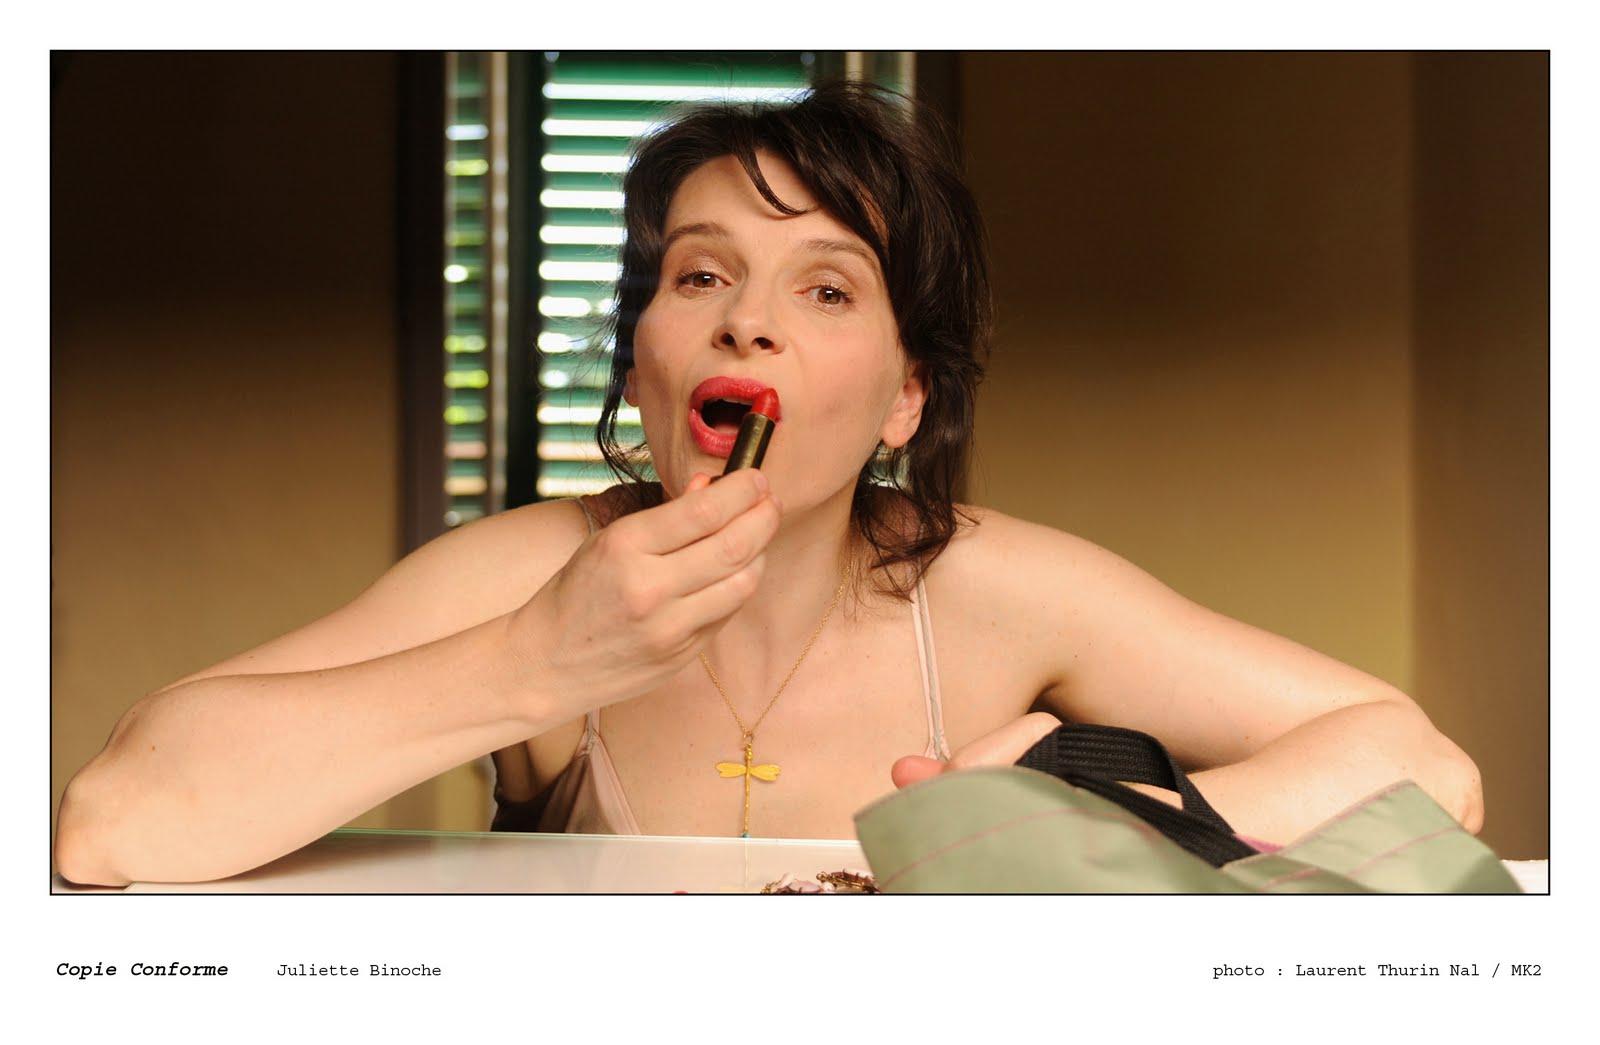 http://3.bp.blogspot.com/-hYF3Ynu1t18/TbWk2MBv6jI/AAAAAAAAABk/MAejbFmiPP4/s1600/Juliette+Binoche4.jpg